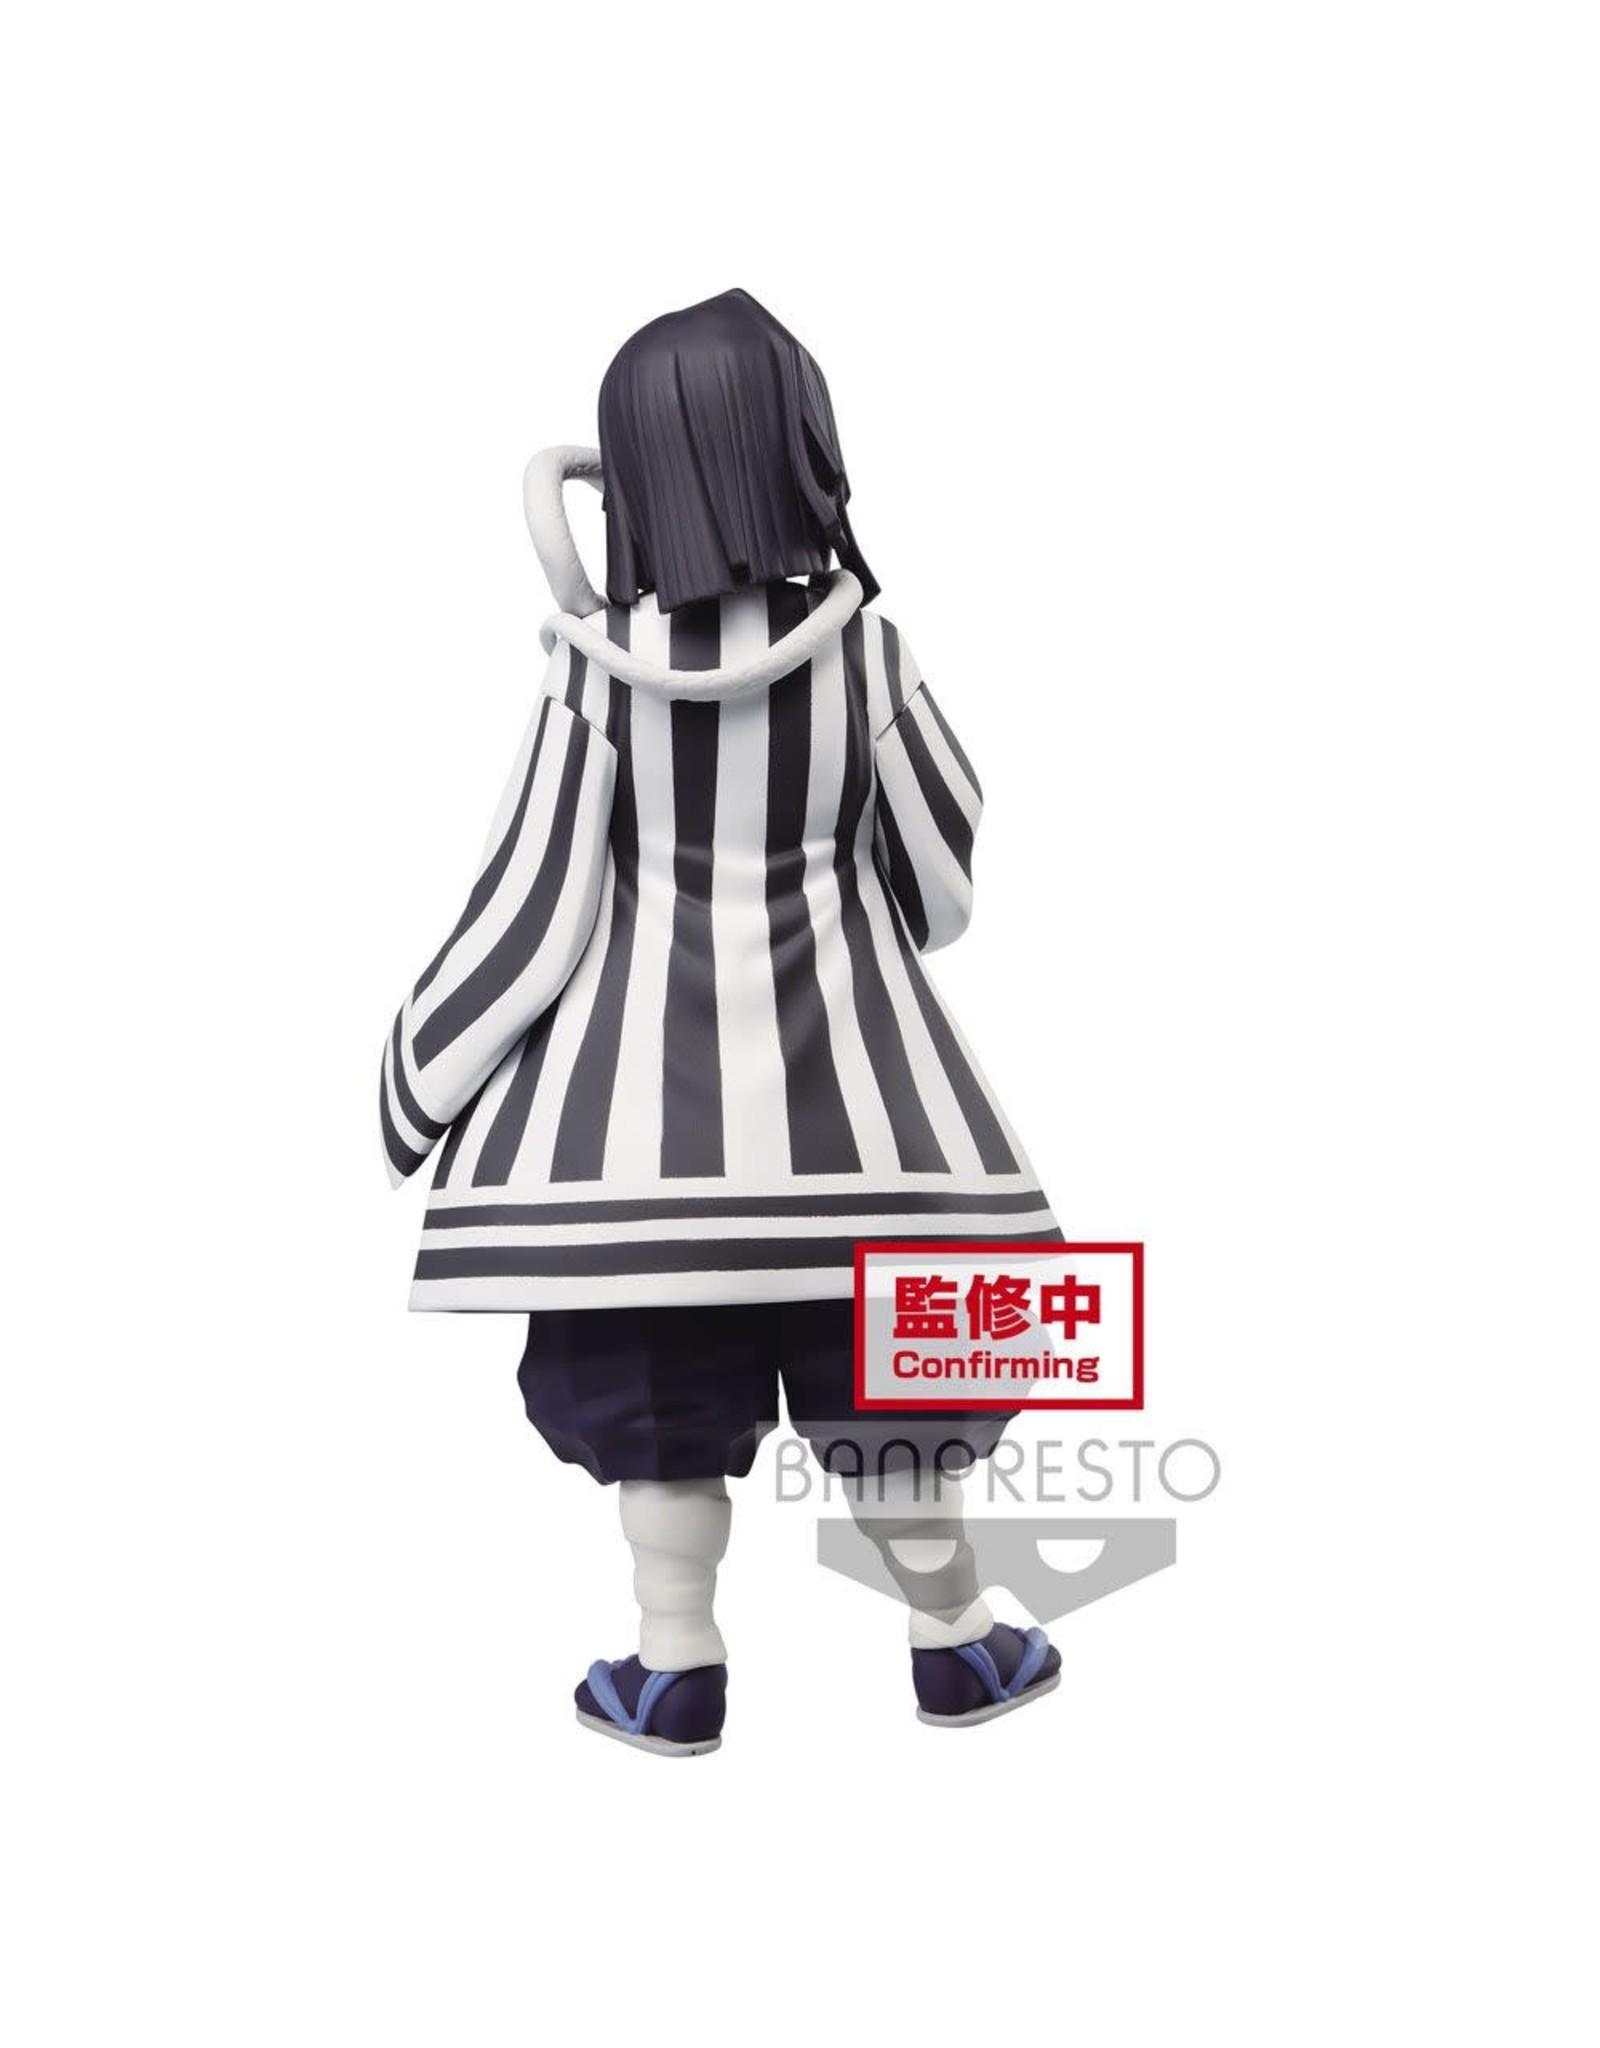 Demon Slayer: Kimetsu no Yaiba - Obanai Iguro - PVC Statue - 17 cm